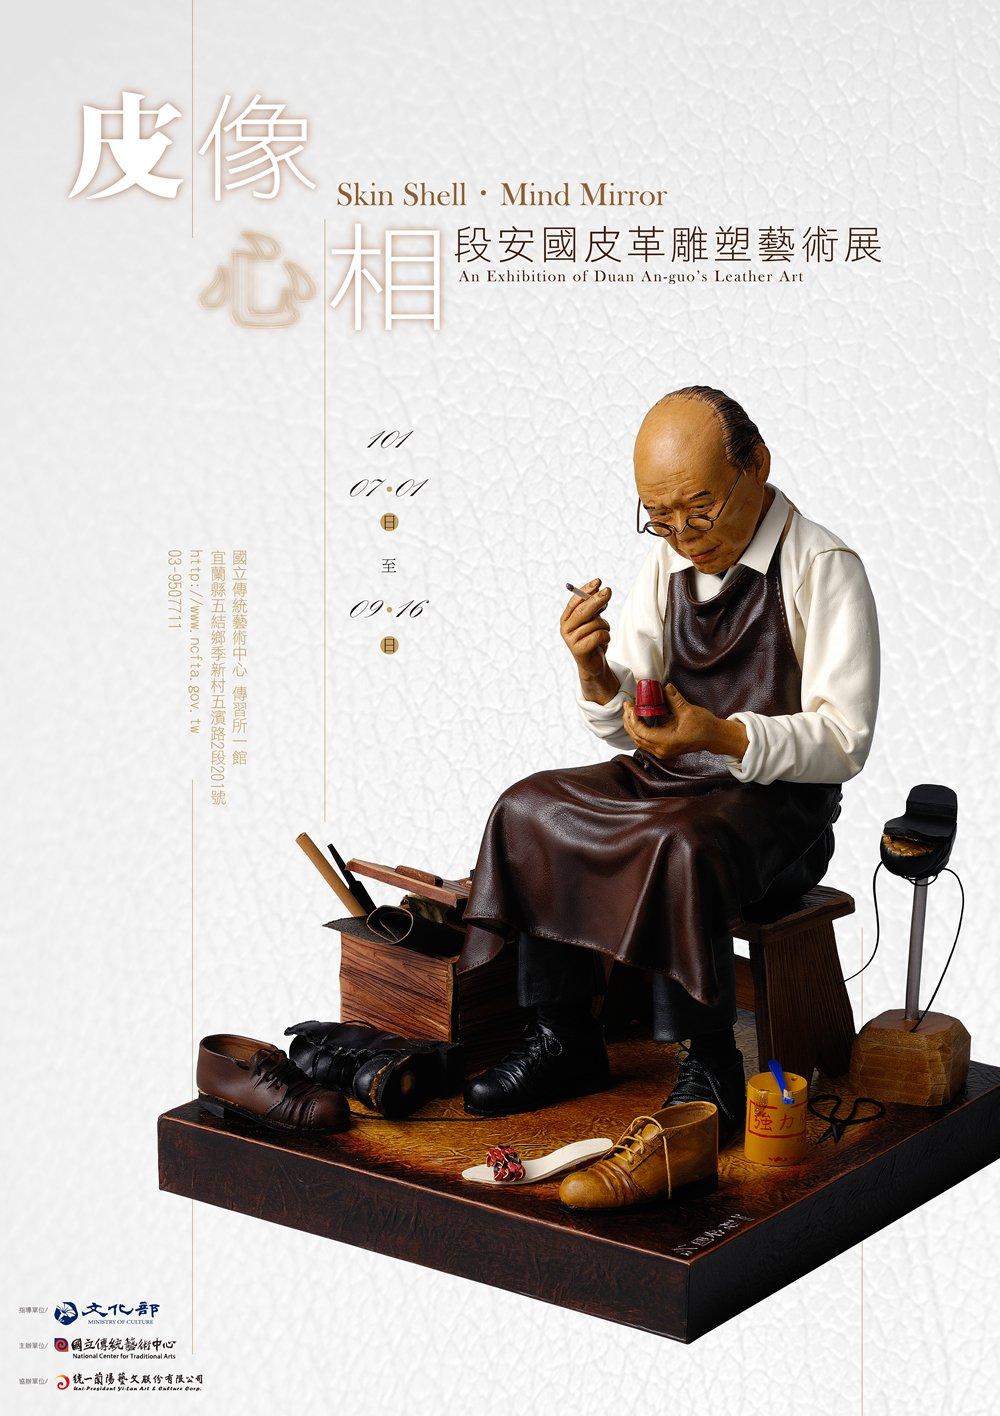 段安國皮革雕塑藝術展